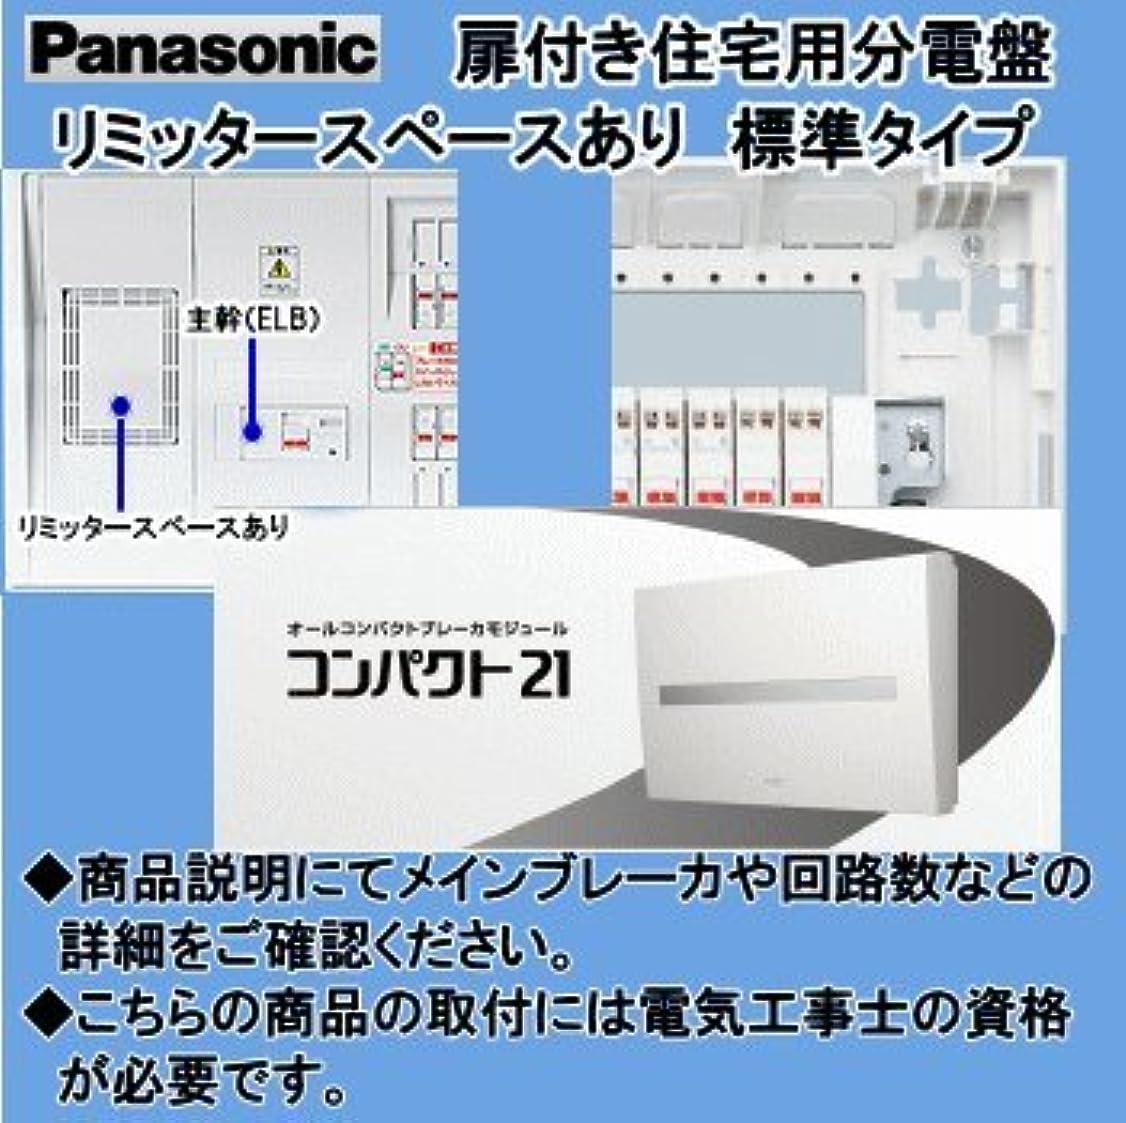 摩擦クローゼットモールス信号パナソニック電工 住宅用分電盤 BQR3562